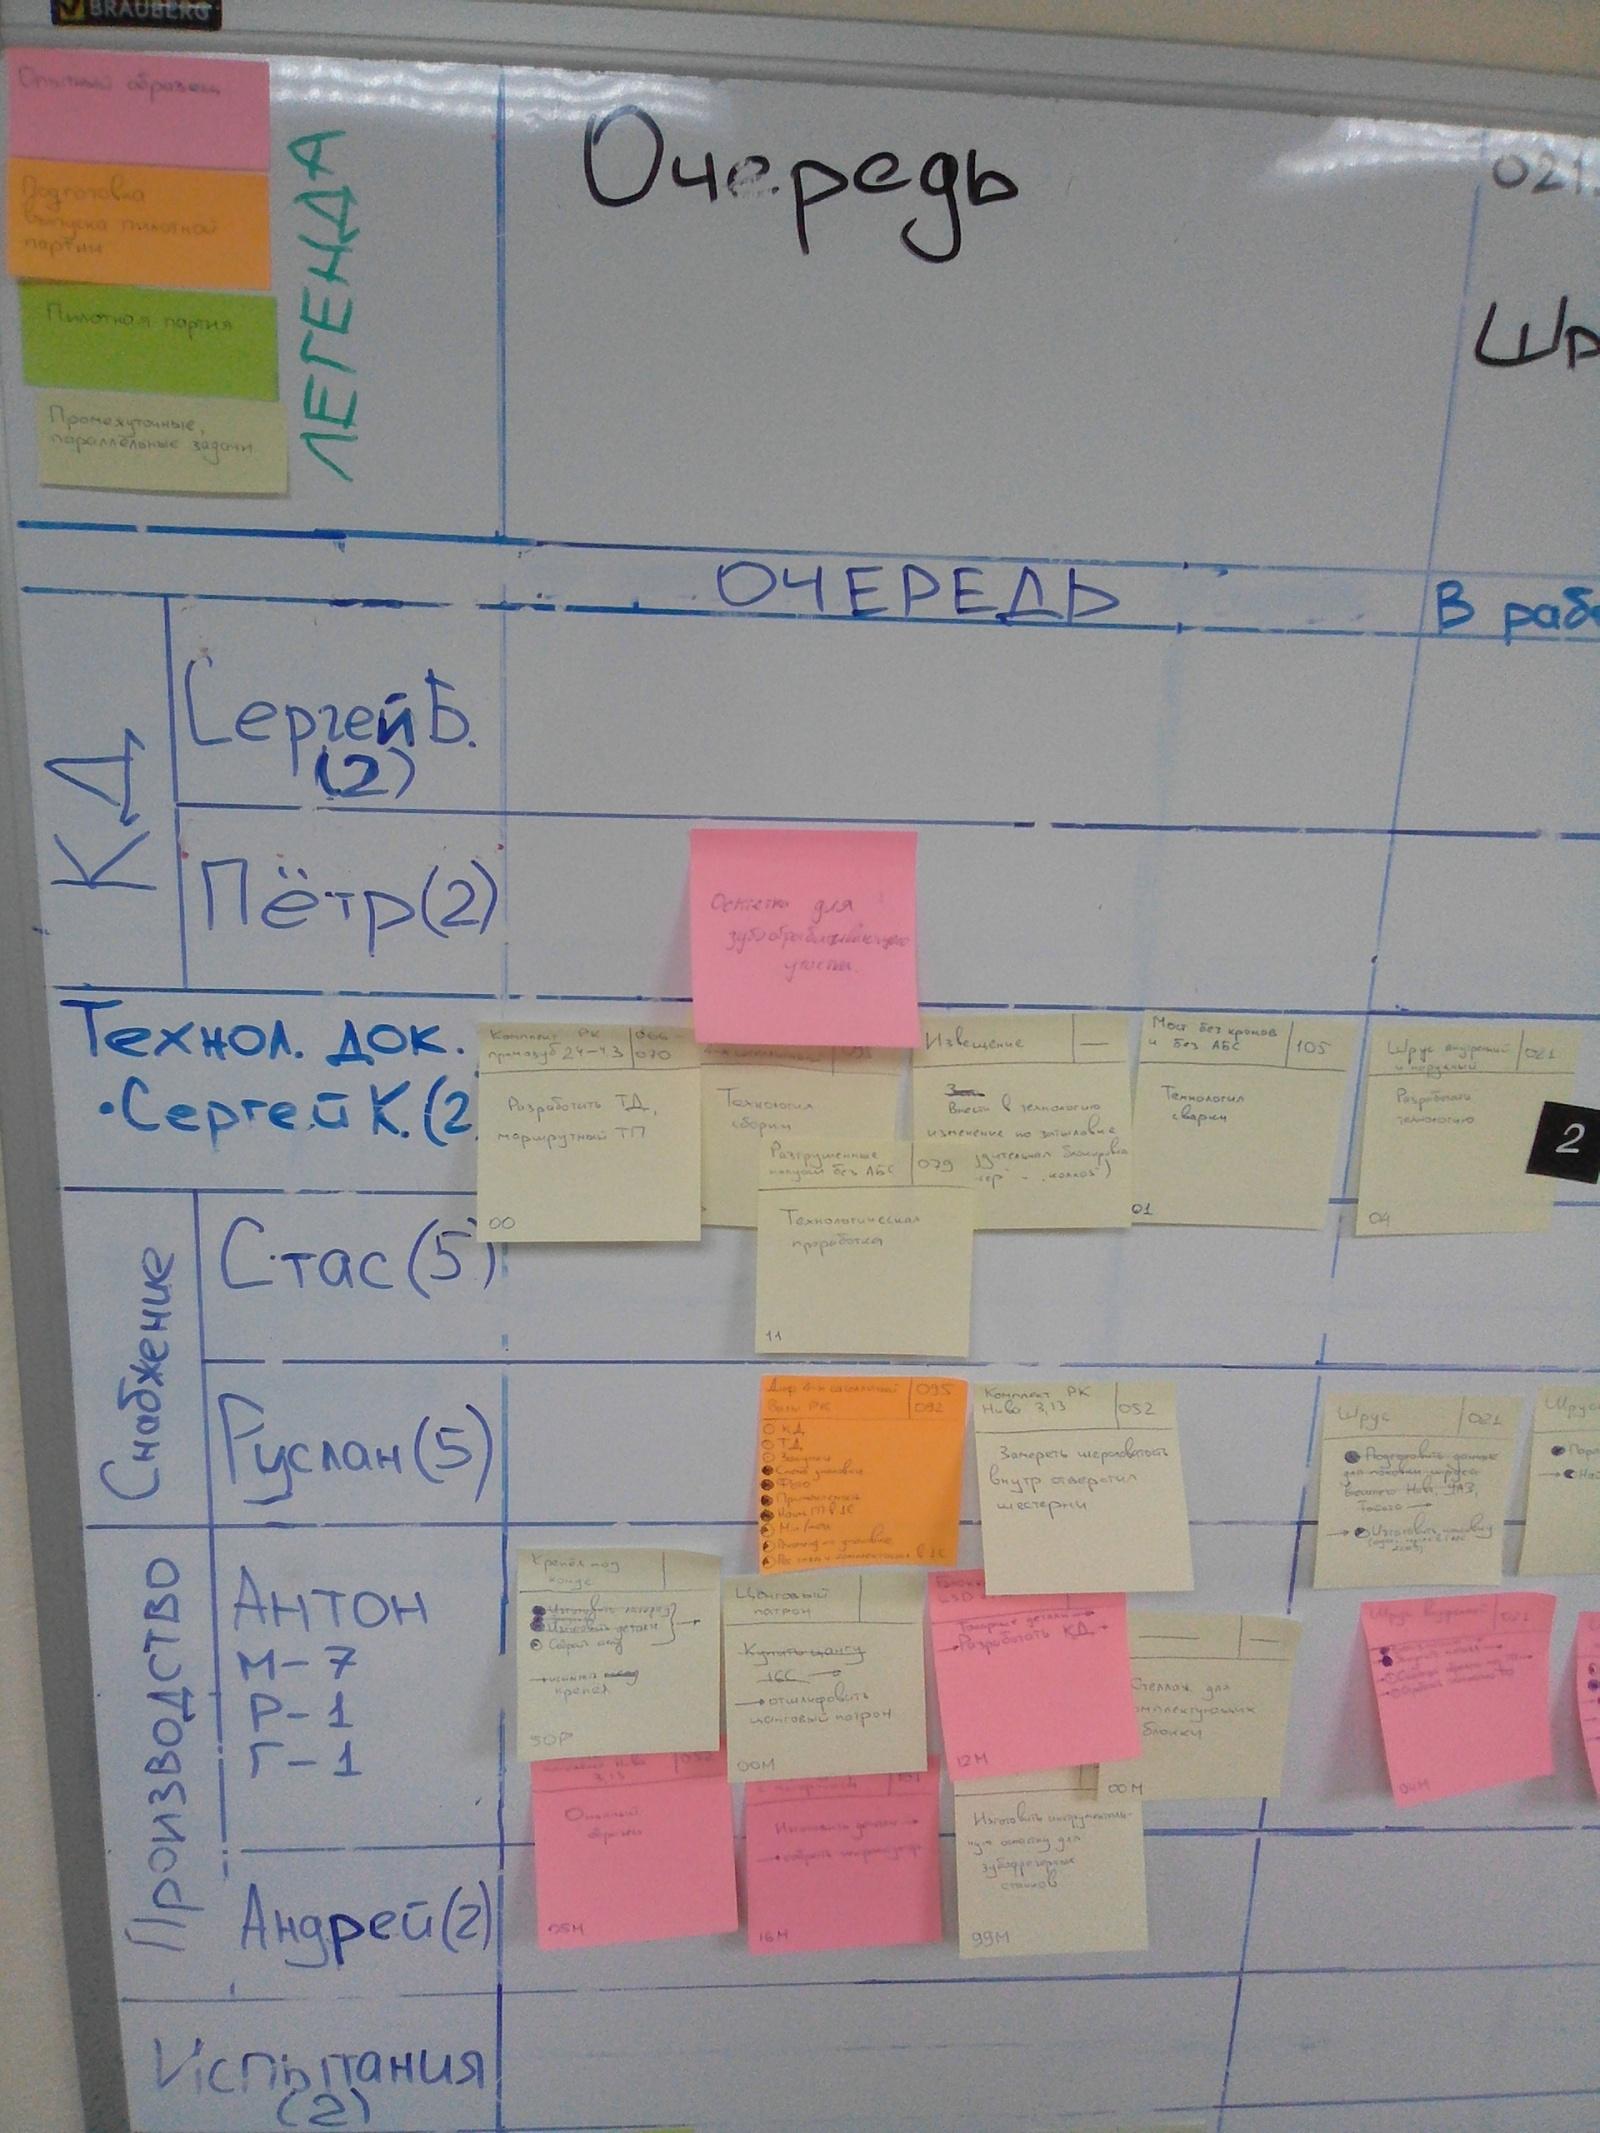 Управление ресурсами при разработке продуктов в машиностроении - 5